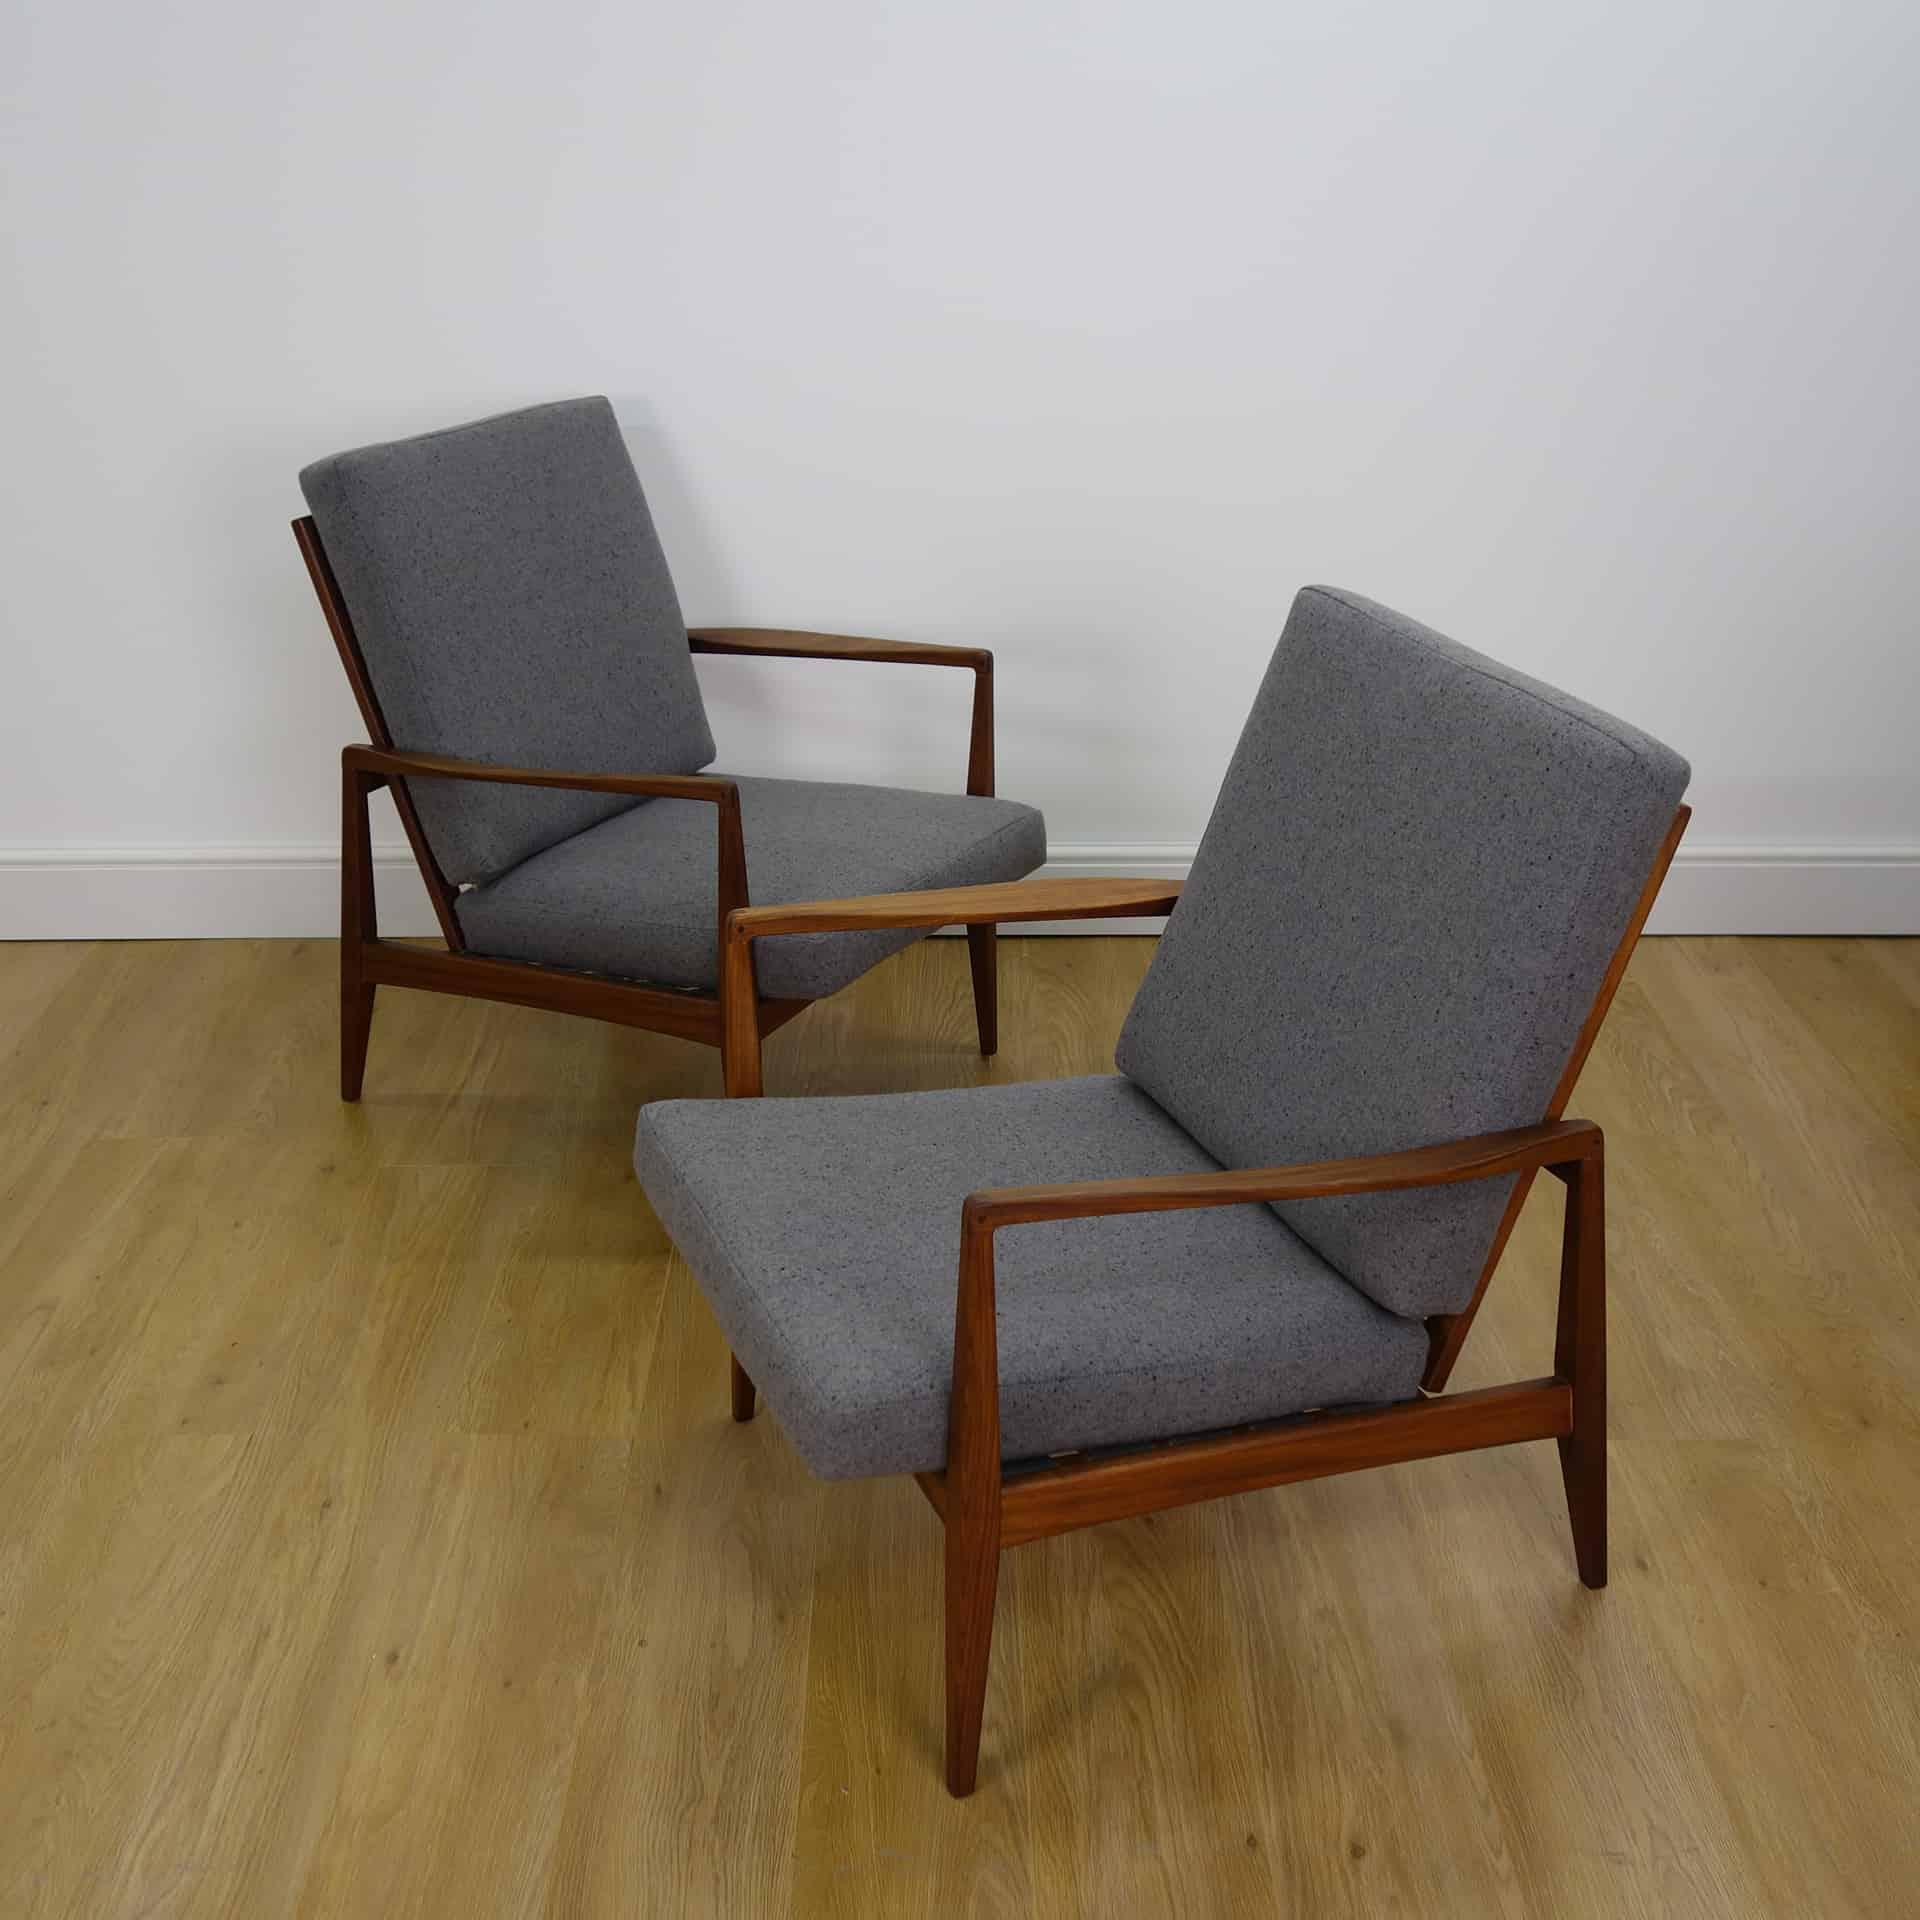 Pair of Kofod Larsen style 1960s teak armchairs